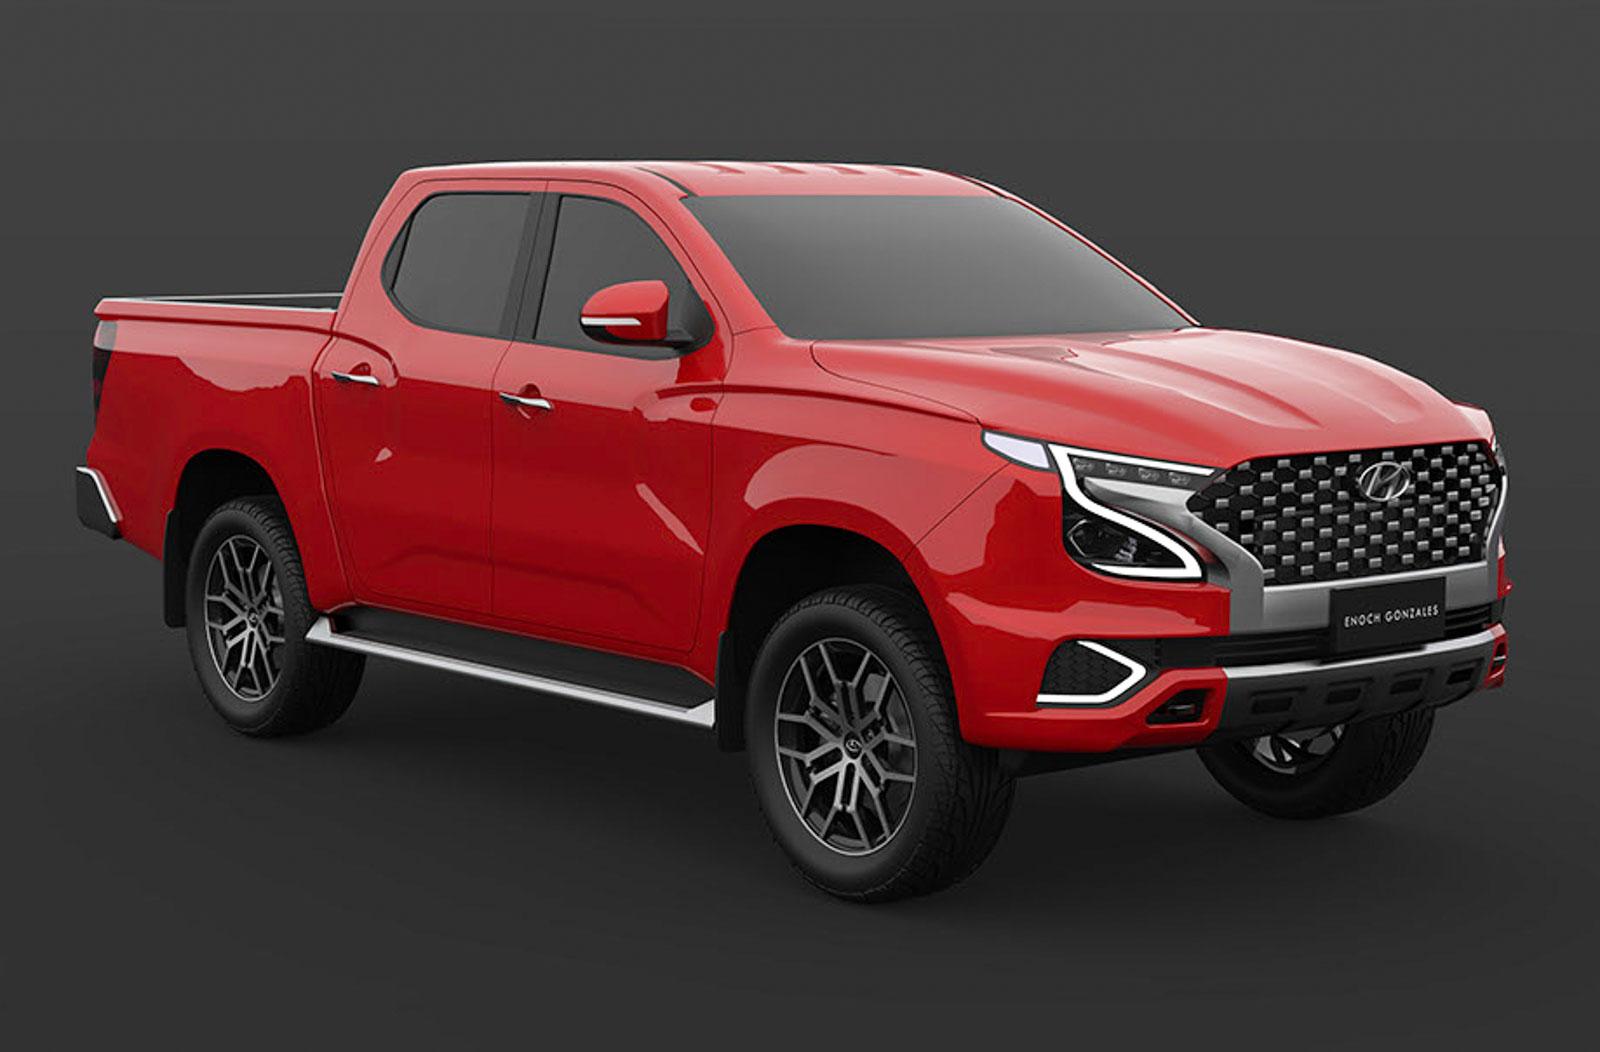 Hyundai Tarlac Pickup Truck Could Rival Ford Ranger, Rendered